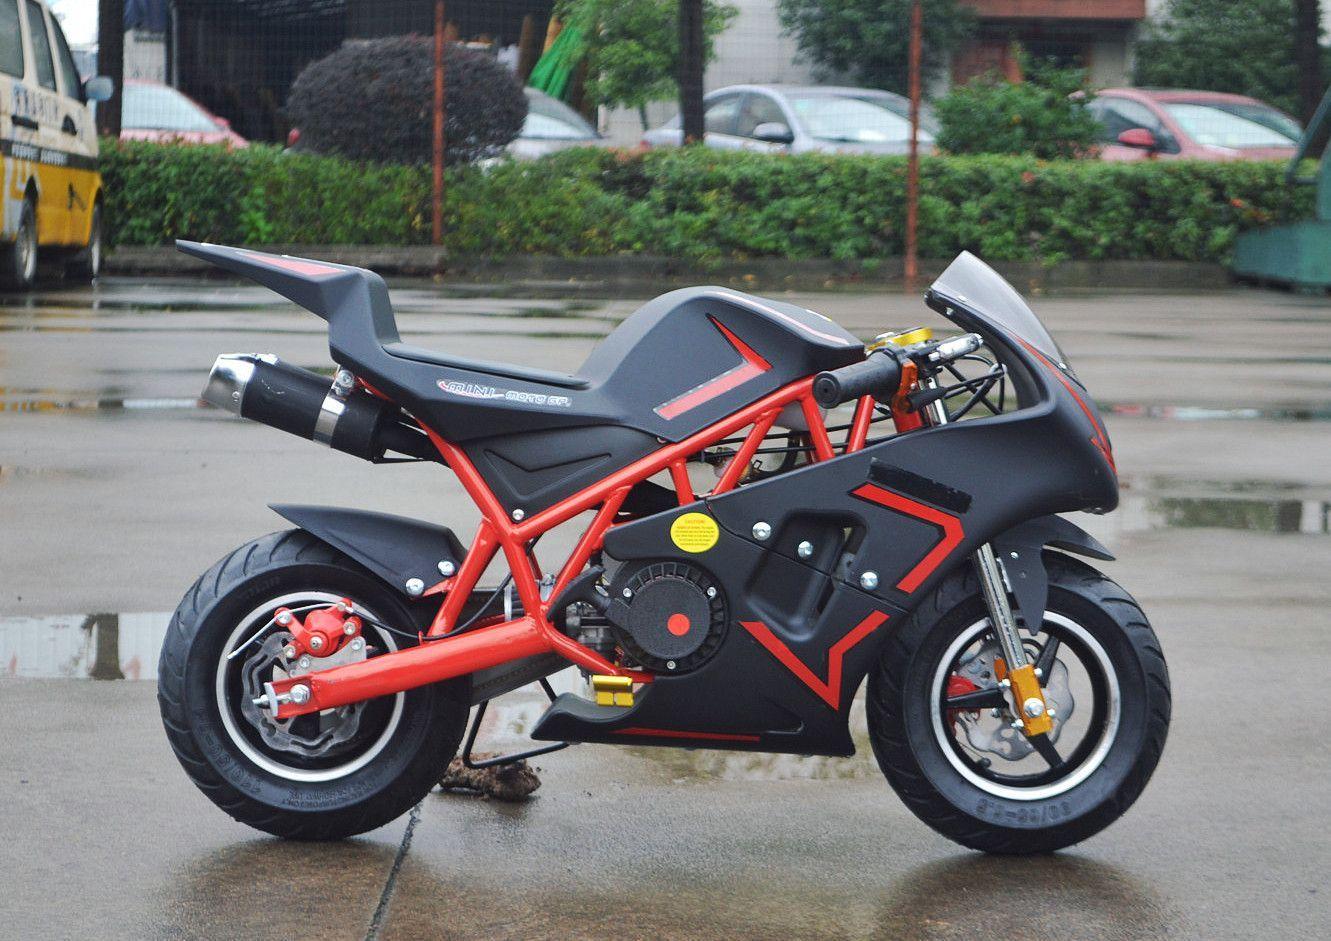 40cc 4 Stroke Premium Pocket Bike - M2 | Boats and Cars | Pinterest | Mini bike, Racing bike and ...